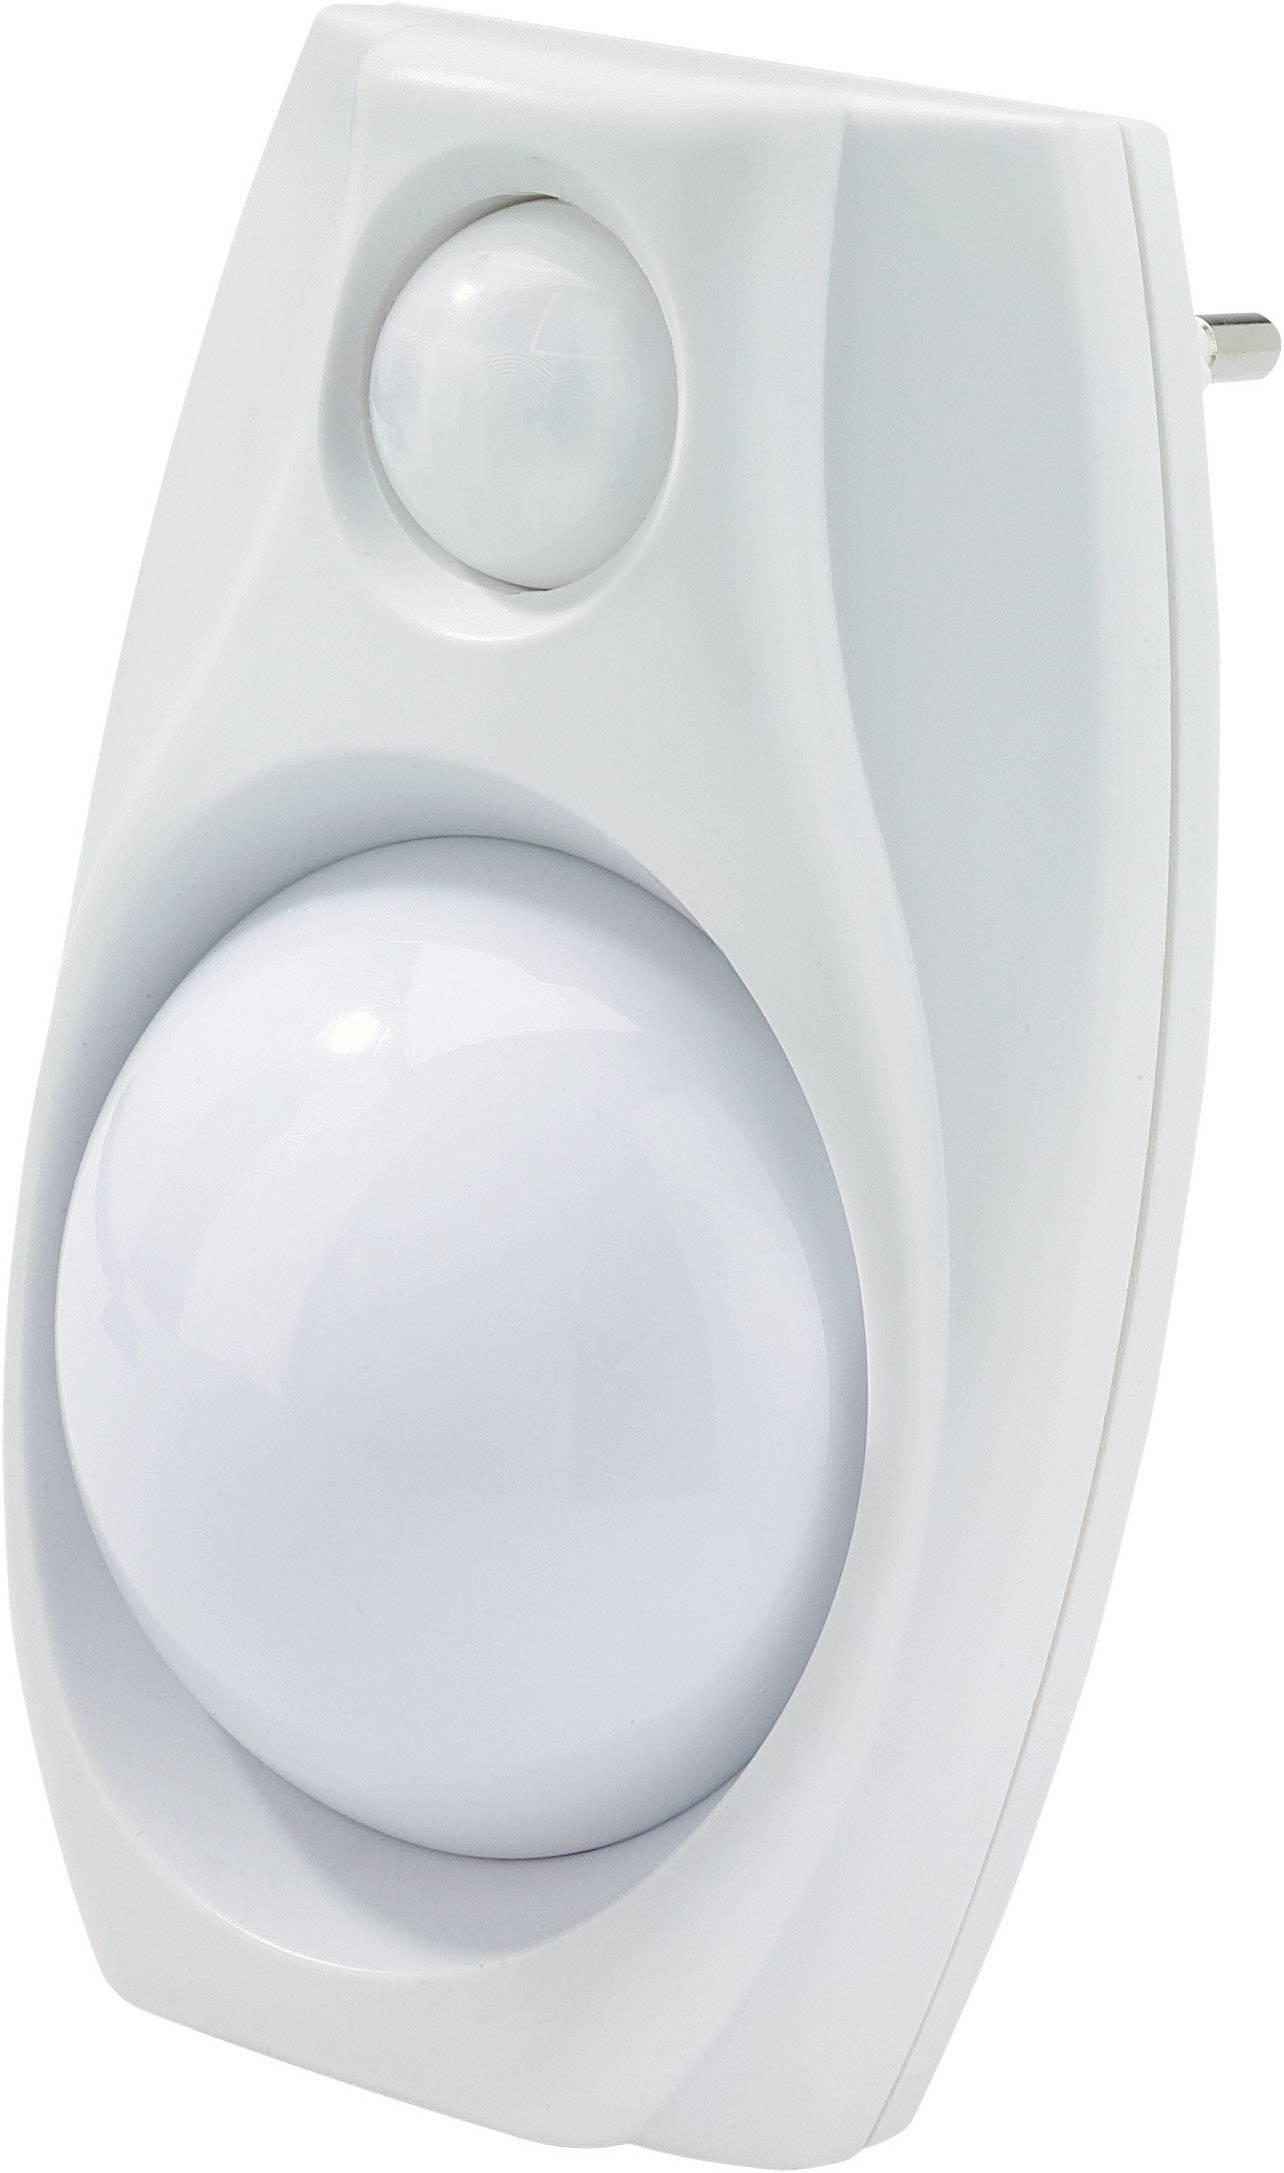 Noční LED svítidlo s detektorem pohybu, 50284C1, 0,6 W, bílá/bílá